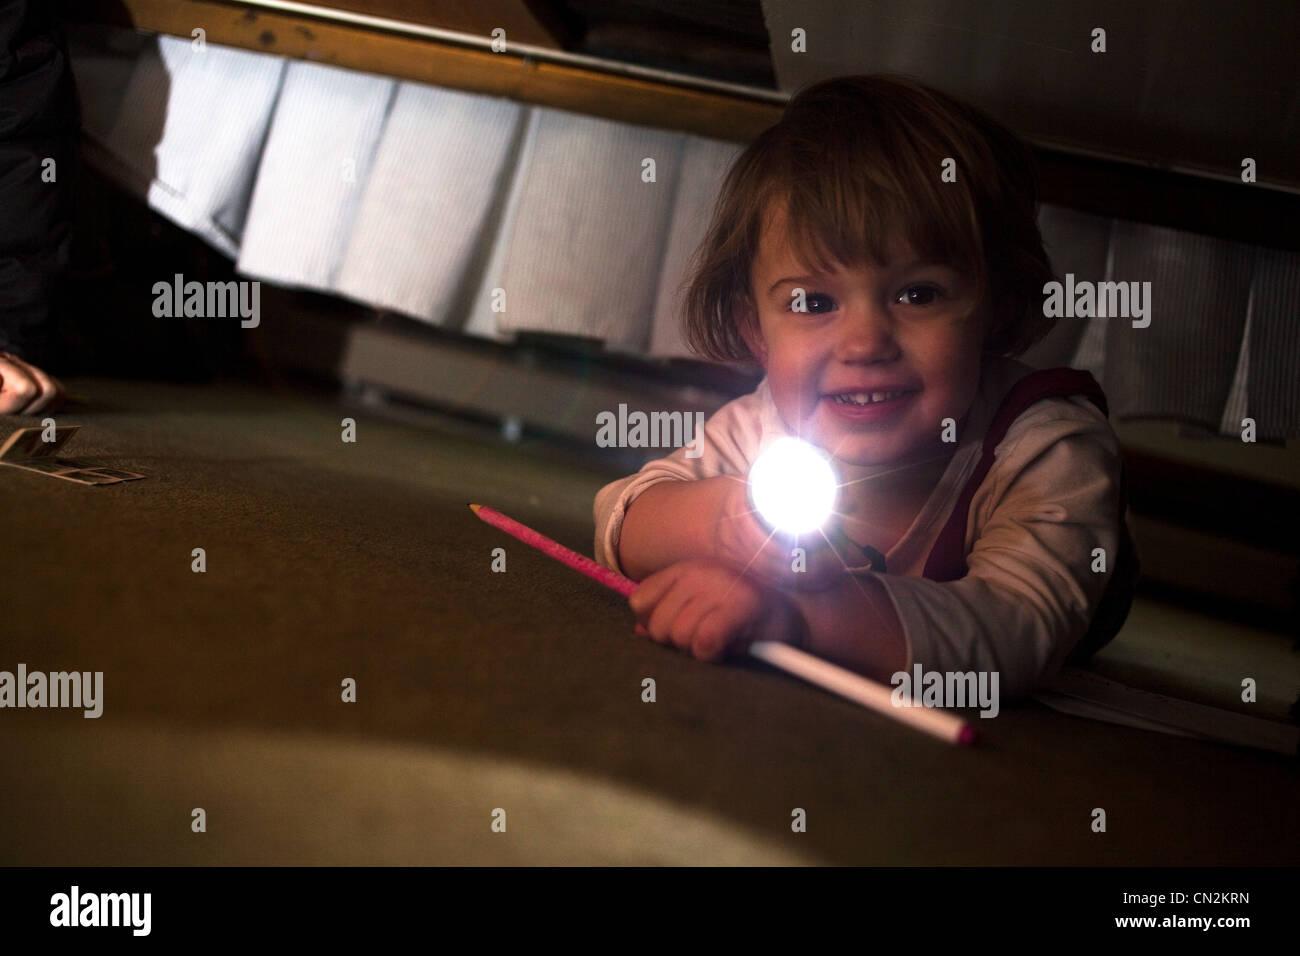 Junge Mädchen spielen mit Fackel unter Bett Stockbild